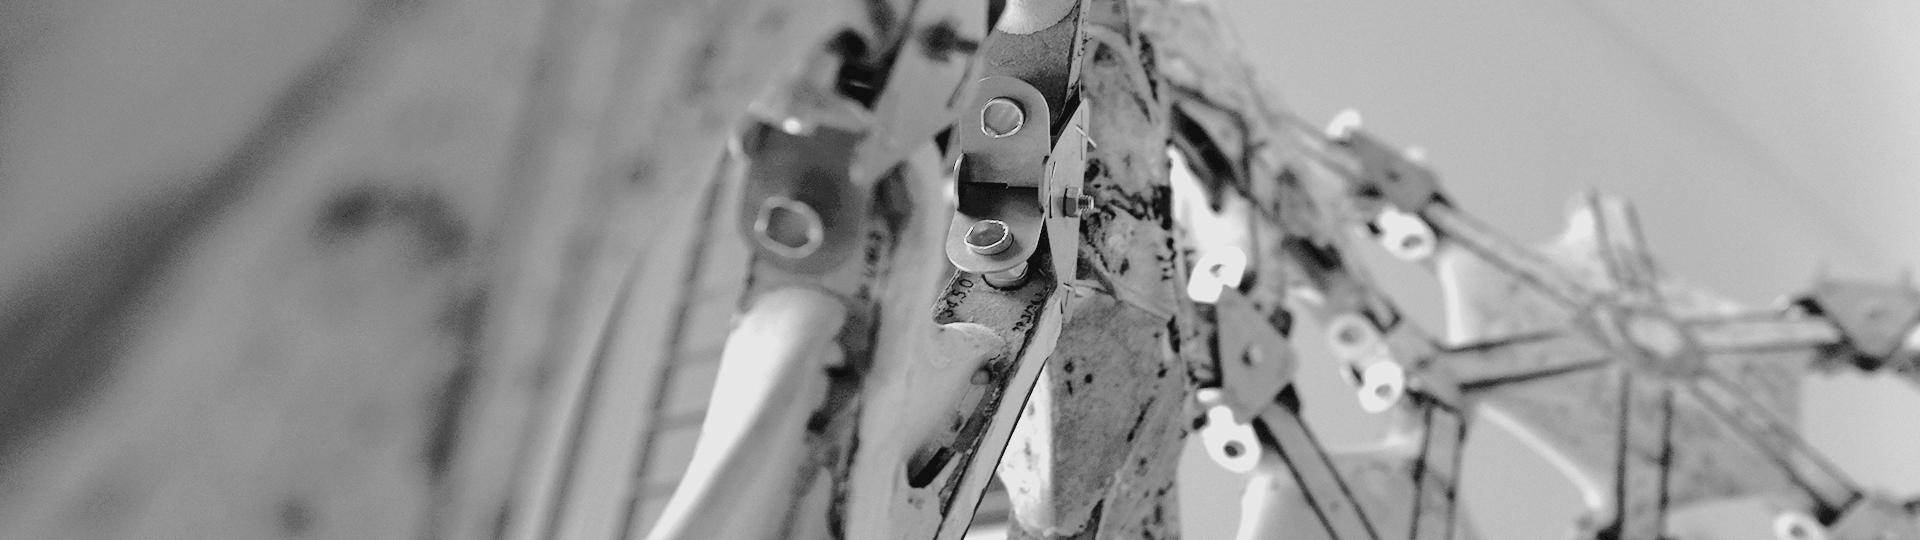 MArch Studio P7/P9 2012 | Géométrie digitale, robotique et treillis en béton fibré